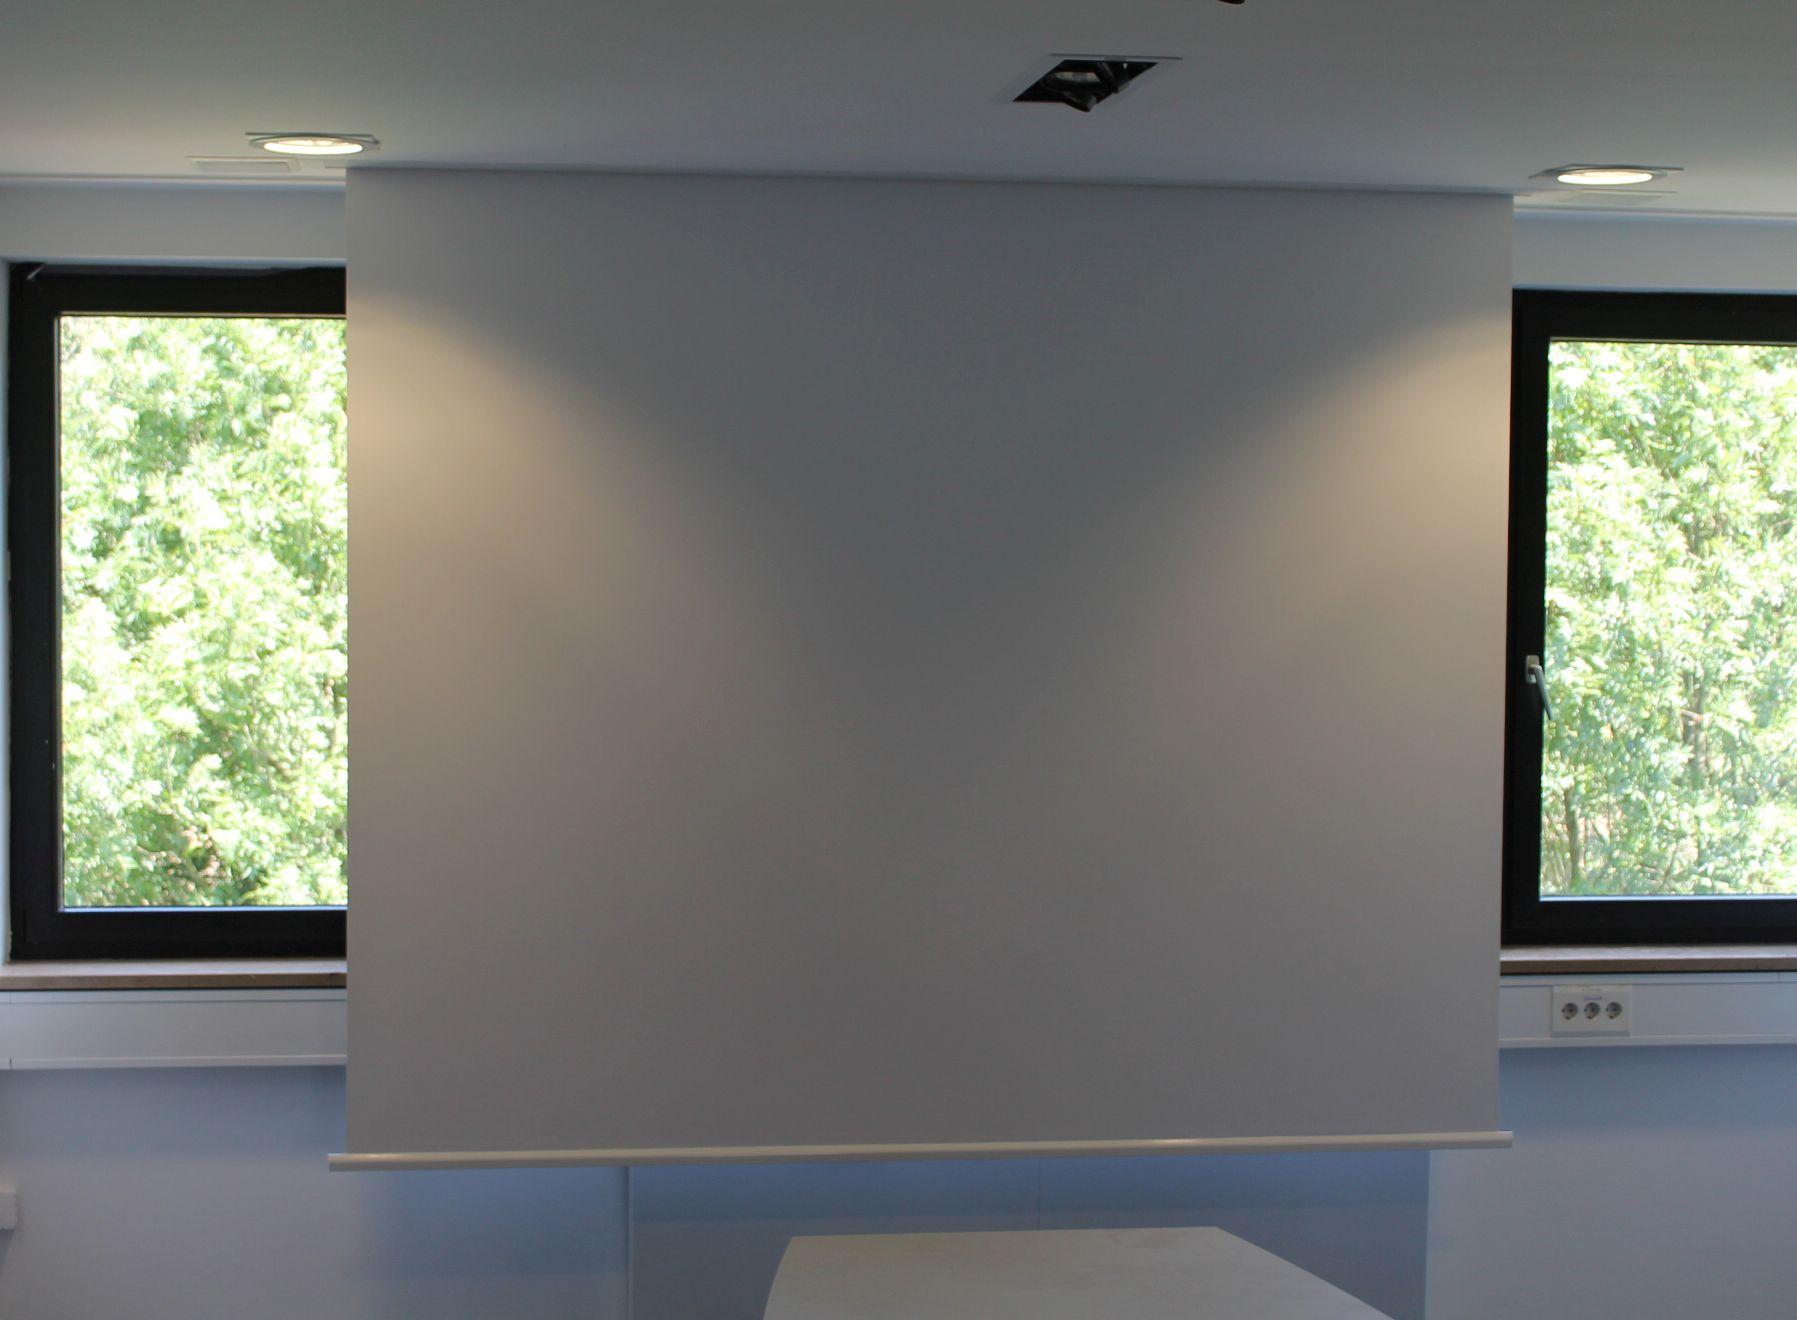 Deckeneinbau Leinwand Deckenmontage Leinwande Buhnenvorhang Elektrisch